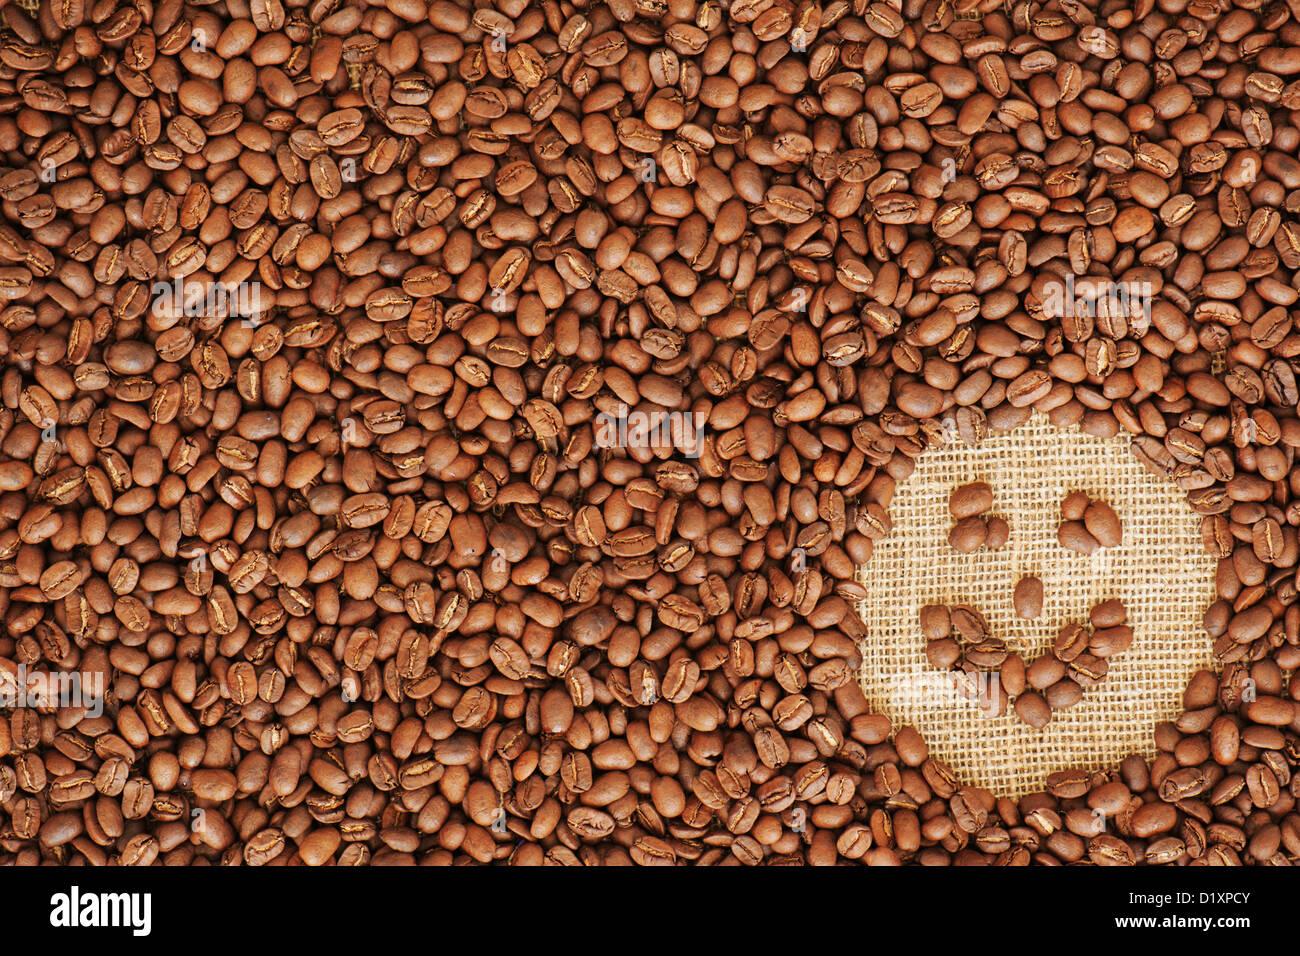 Groß Gesichtsrahmen Zeitgenössisch - Benutzerdefinierte Bilderrahmen ...